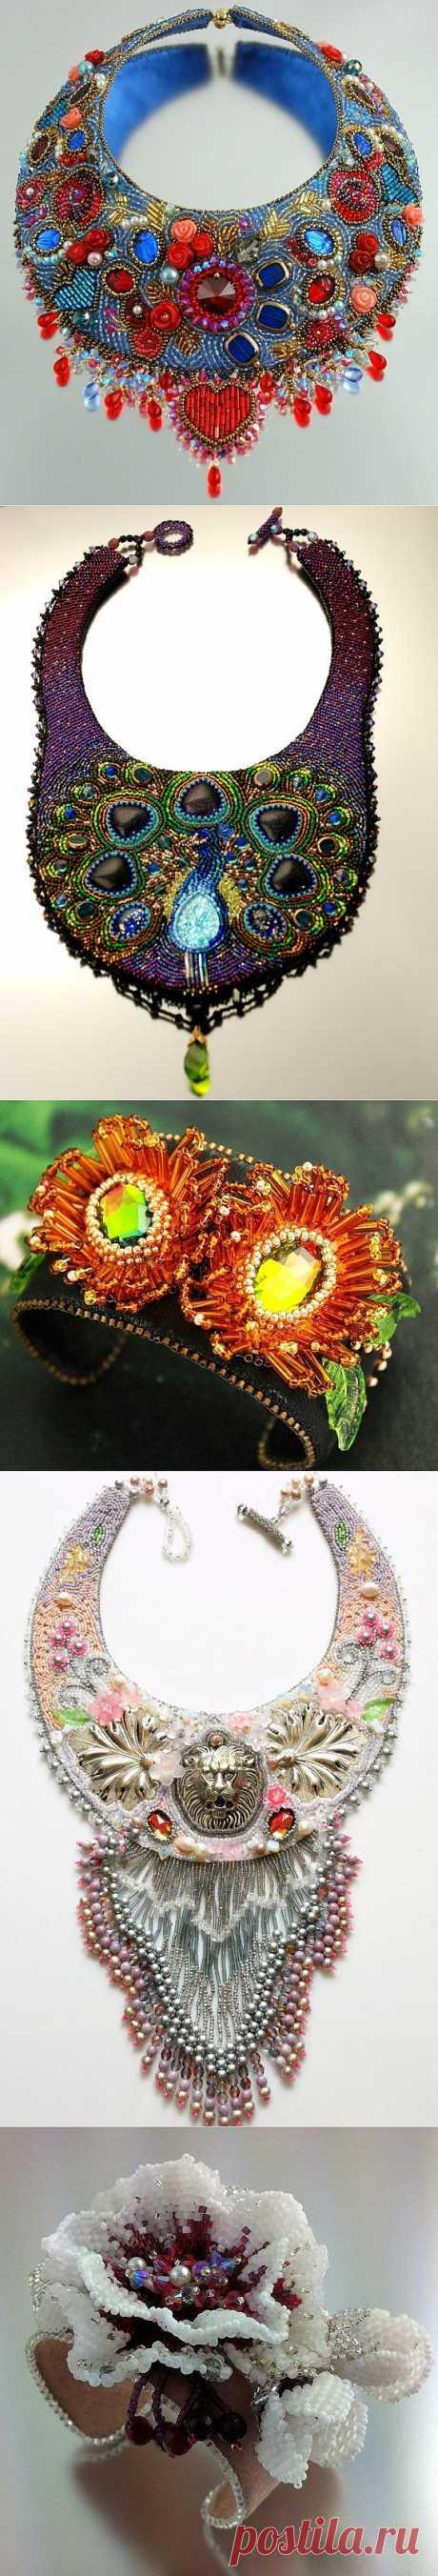 Doro Soucy Изумительные ожерелья и браслеты.